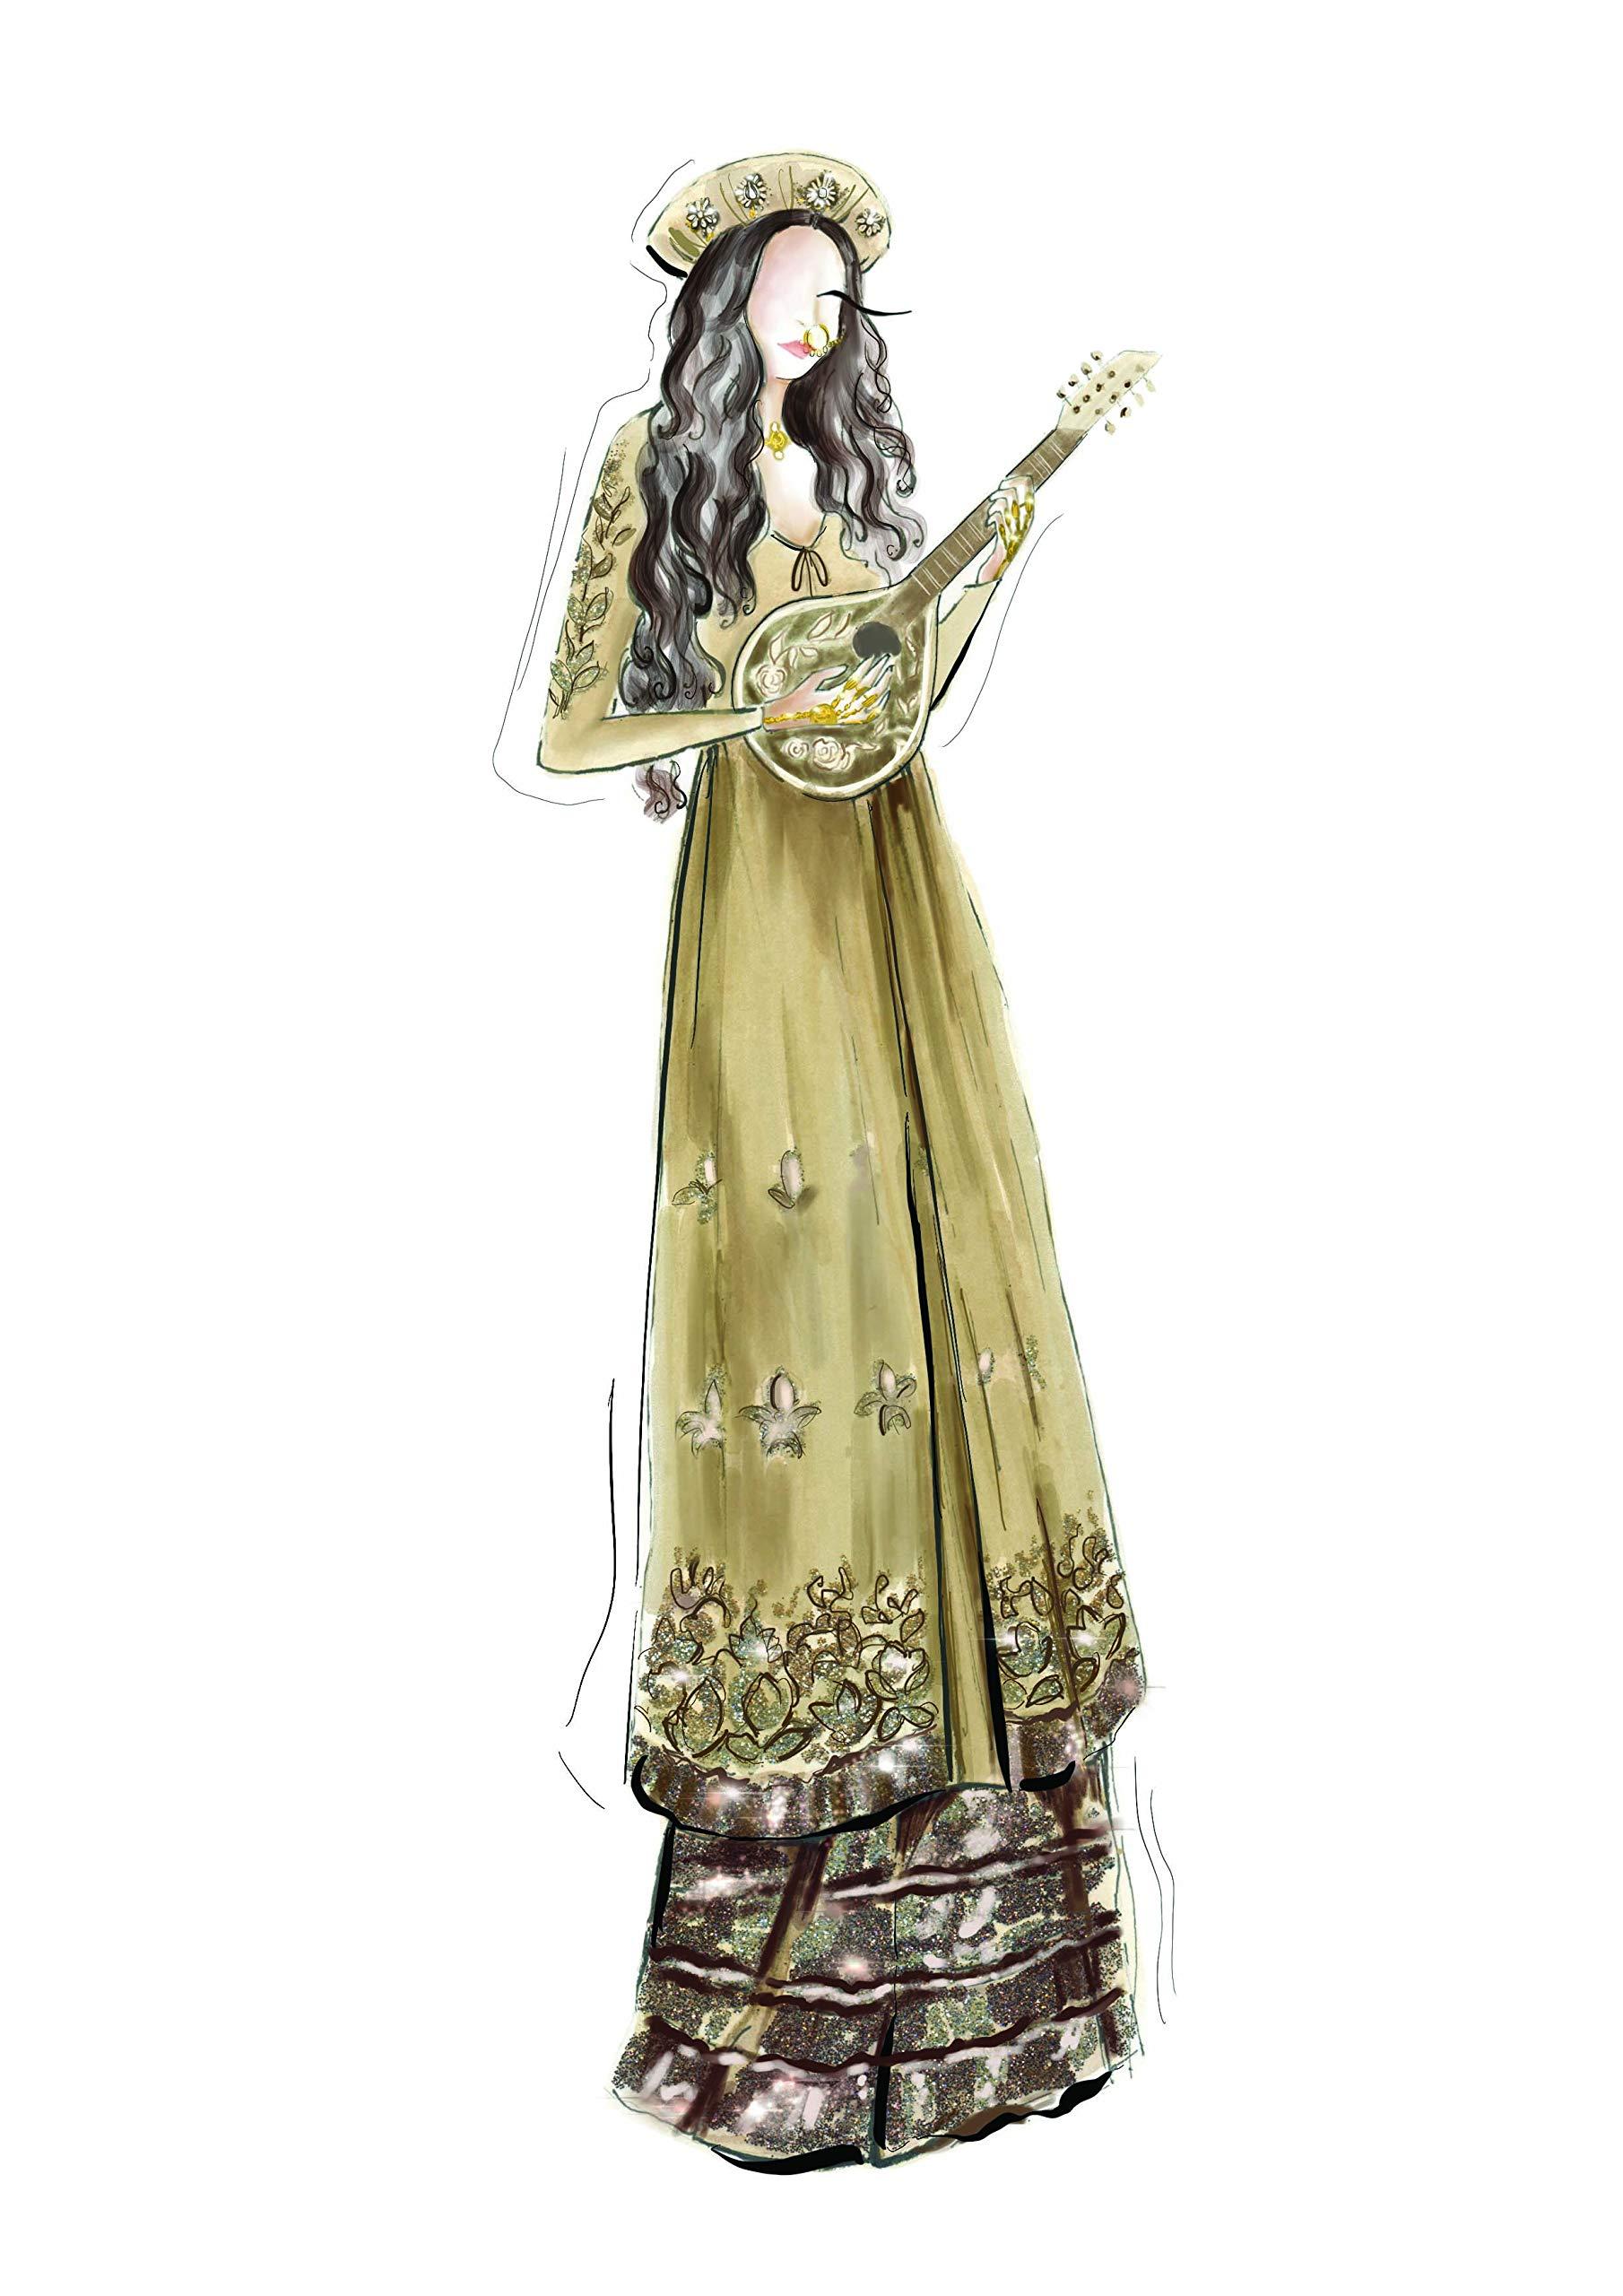 100 Iconic Bollywood Costumes Assomull Sujata Ram Aparna Malhotra Manish 9788194110972 Amazon Com Books